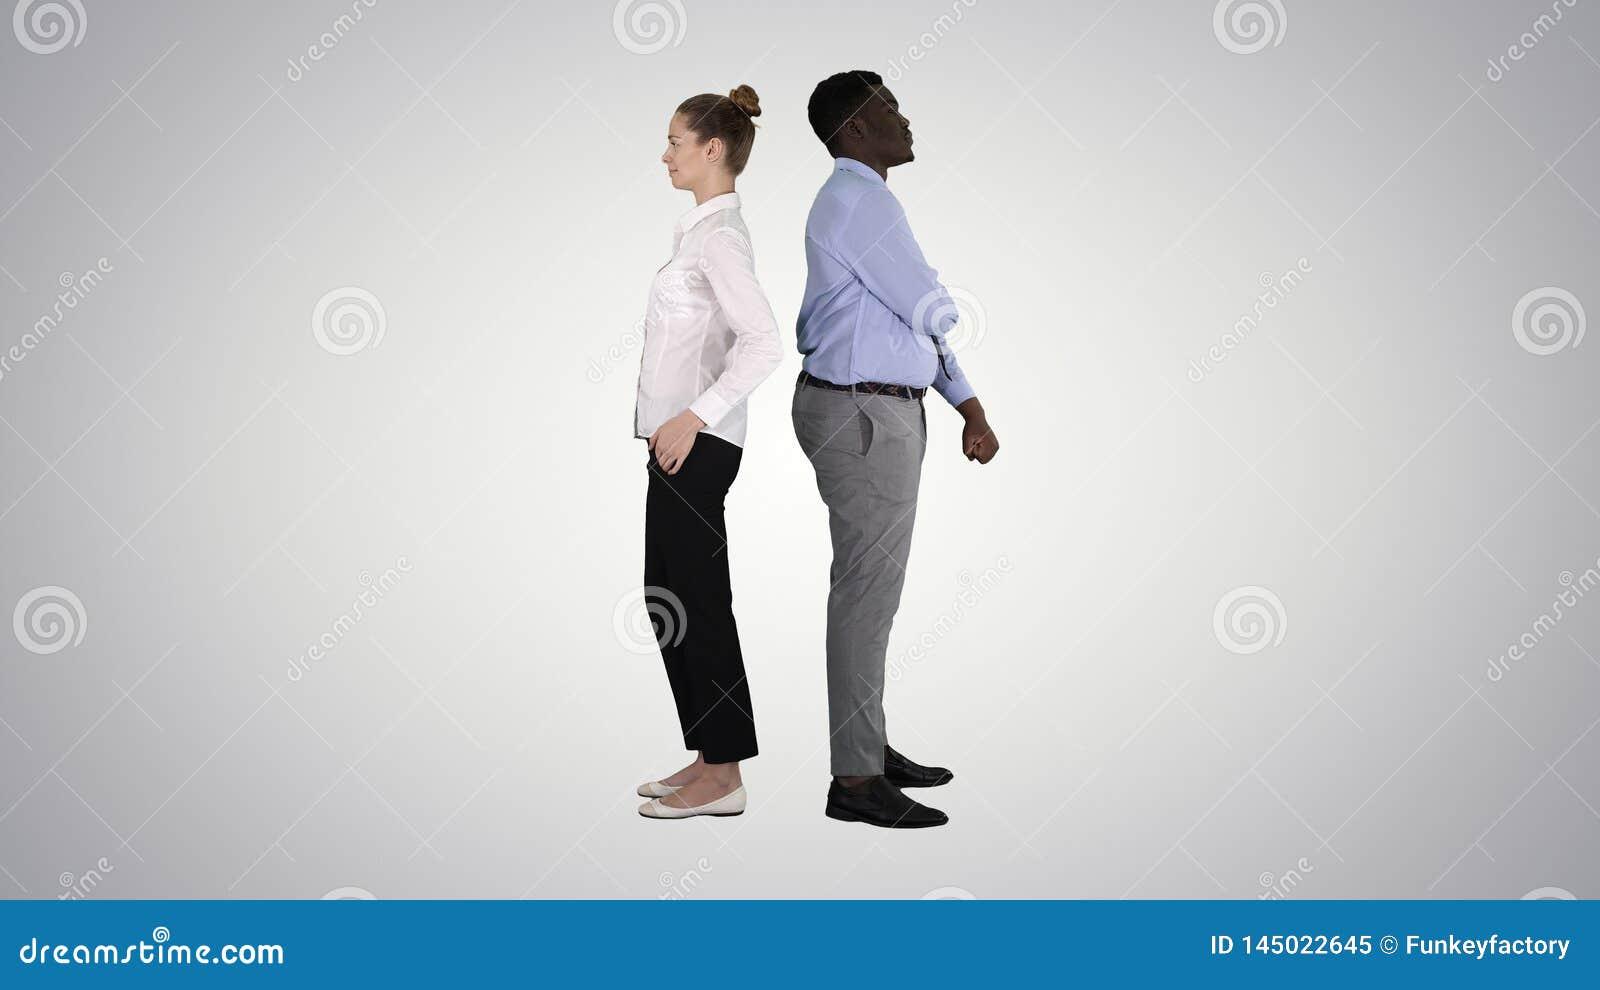 Posi??o bonita e consider?vel do indiv?duo de volta ?s poses em mudan?a da parte traseira no fundo do inclina??o